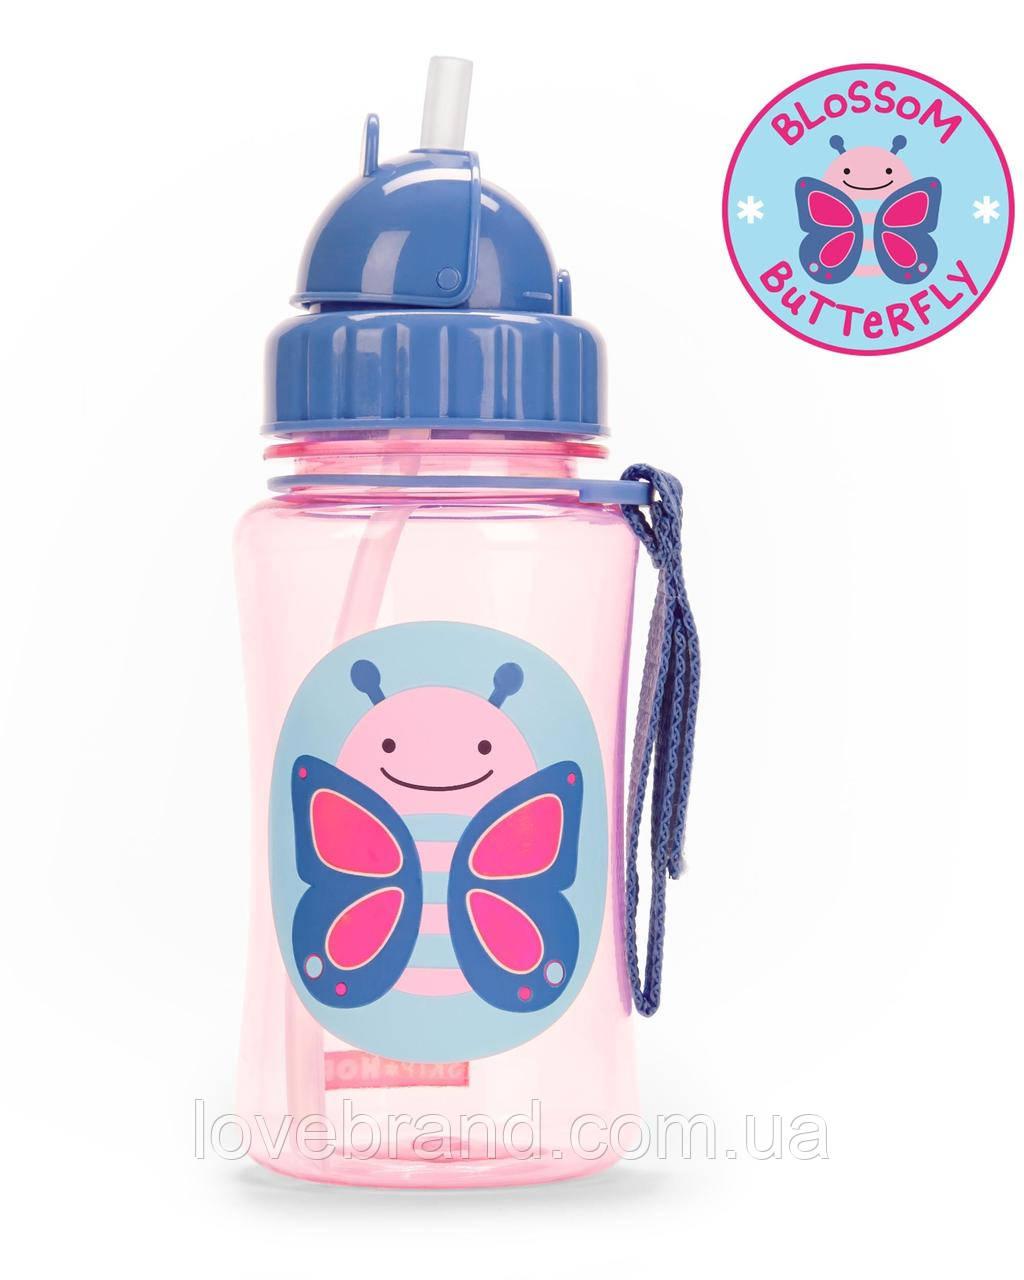 """Детский поильник Skip Hop """"Бабочка"""" , бутылочка с силиконовой трубочкой для девочки ОРИГИНАЛ (Скип Хоп)"""